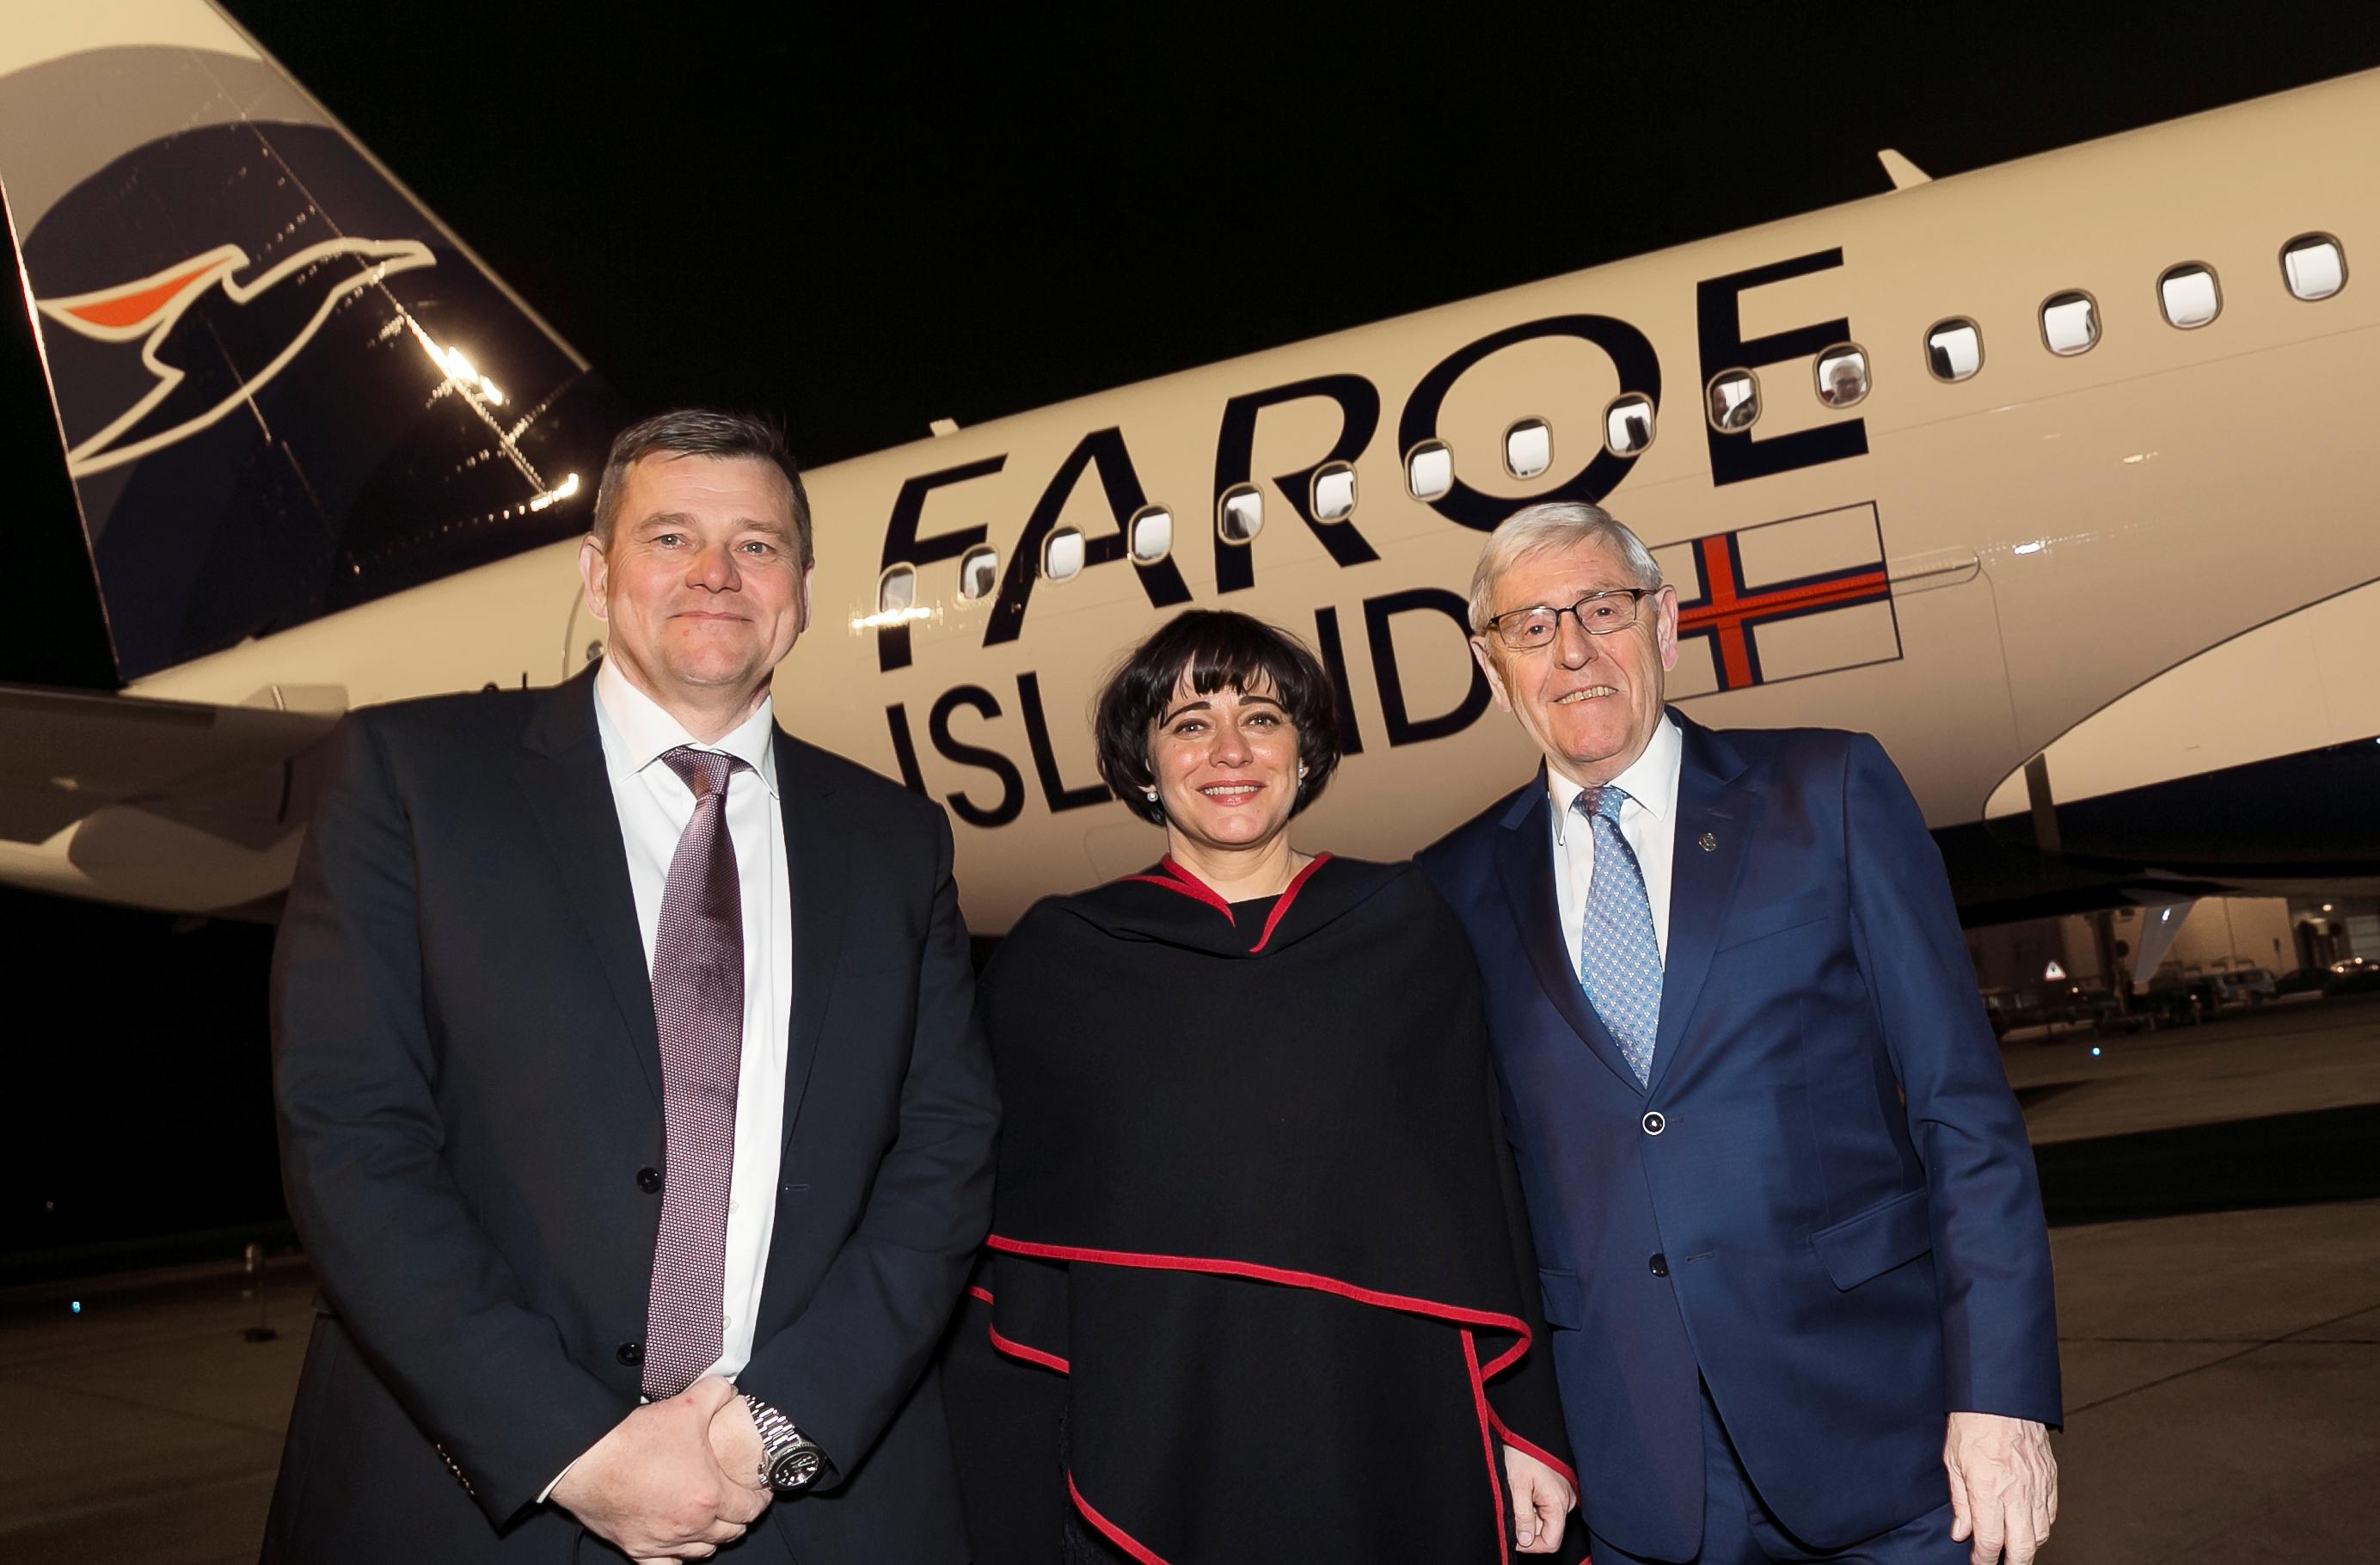 Jóhanna á Bergi har siden 2015 været koncernchef for færøske Atlantic Airways; her flankeres hun af flyselskabets bestyrelsesformand, Niels Mortensen, til venstre, og Færøernes udenrigs- og erhvervsminister, Poul Michelsen. Pressefoto: Atlantic Airways.